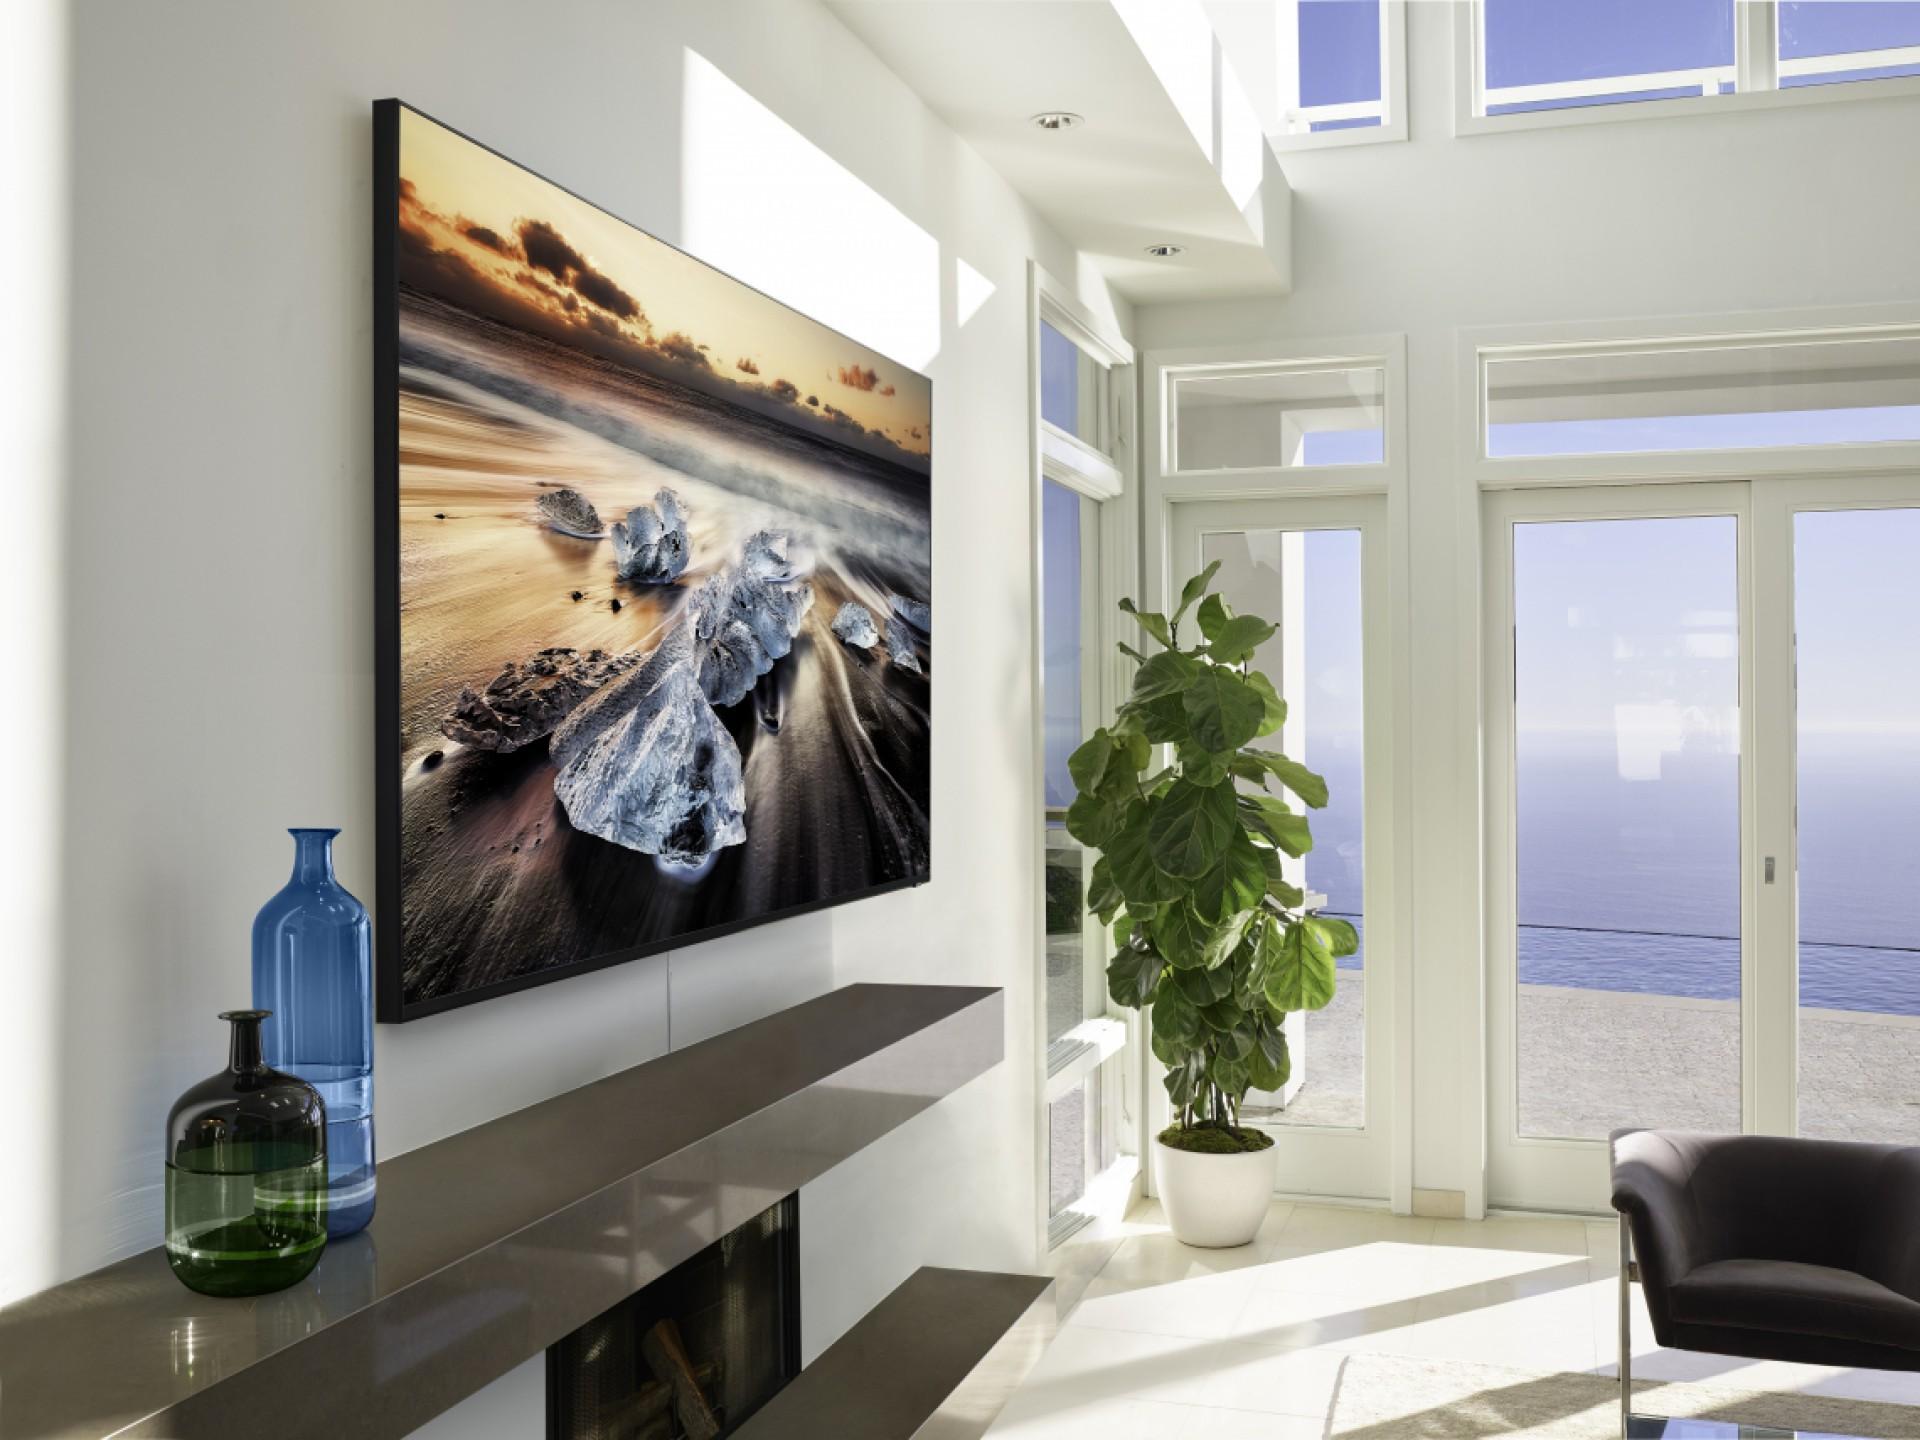 O design da TV Q900 foi pensado para fazer parte da decoração da casa, tendo também menos fios expostos do que outros modelos